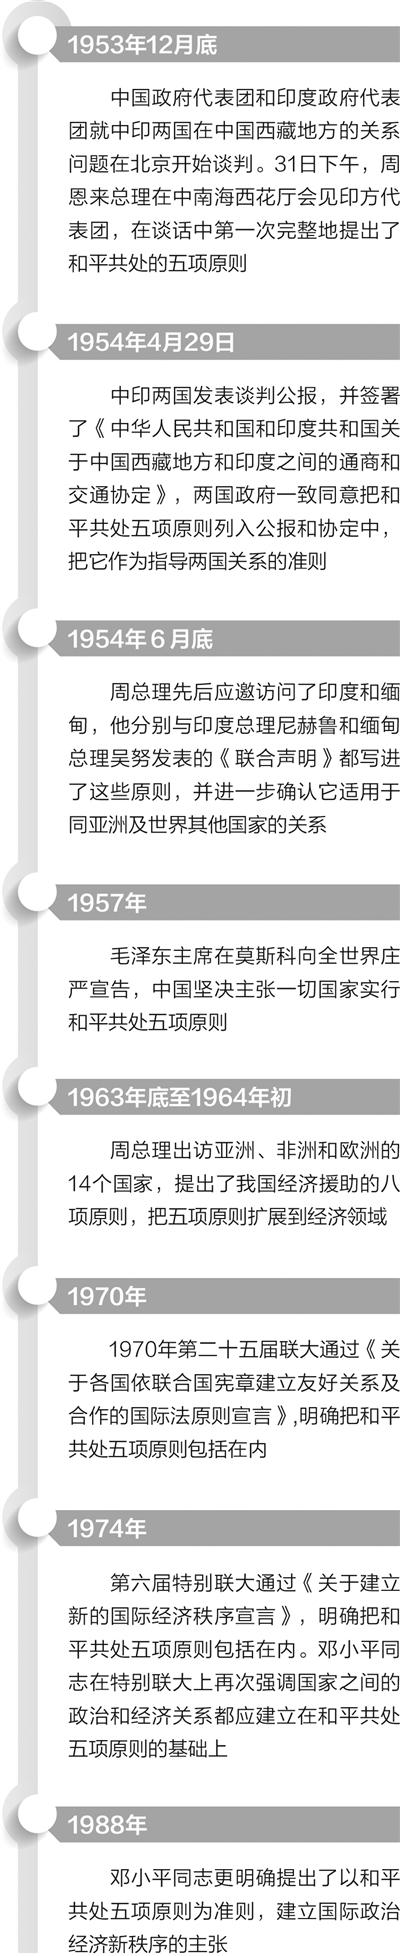 和平共处五项原则的提出背景、历史意义、当代价值 - 江湖如烟 - 江湖独行侠